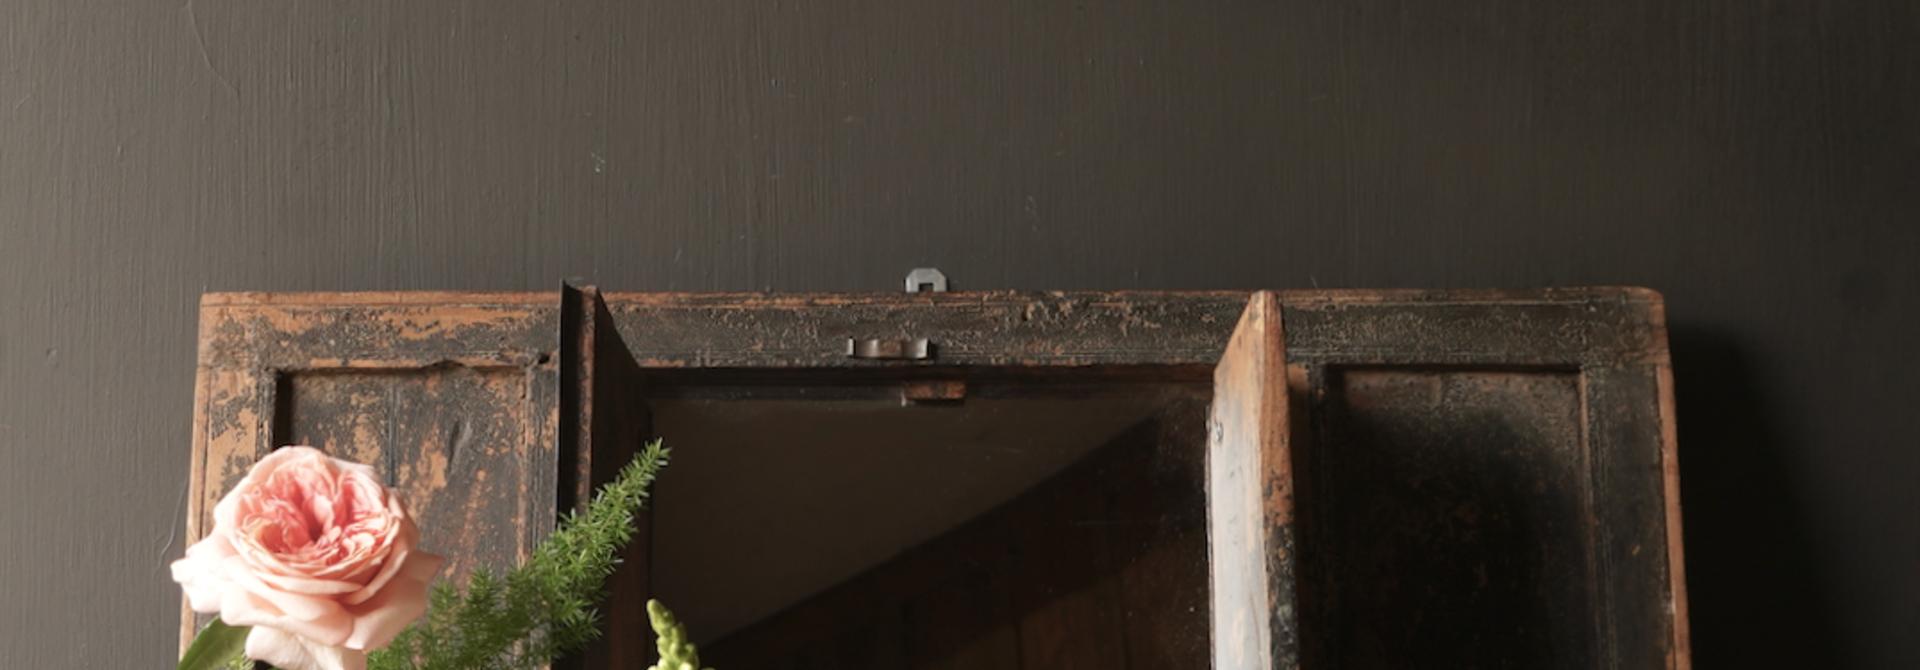 Alter Holzspiegel aus nepalesischem Rahmen